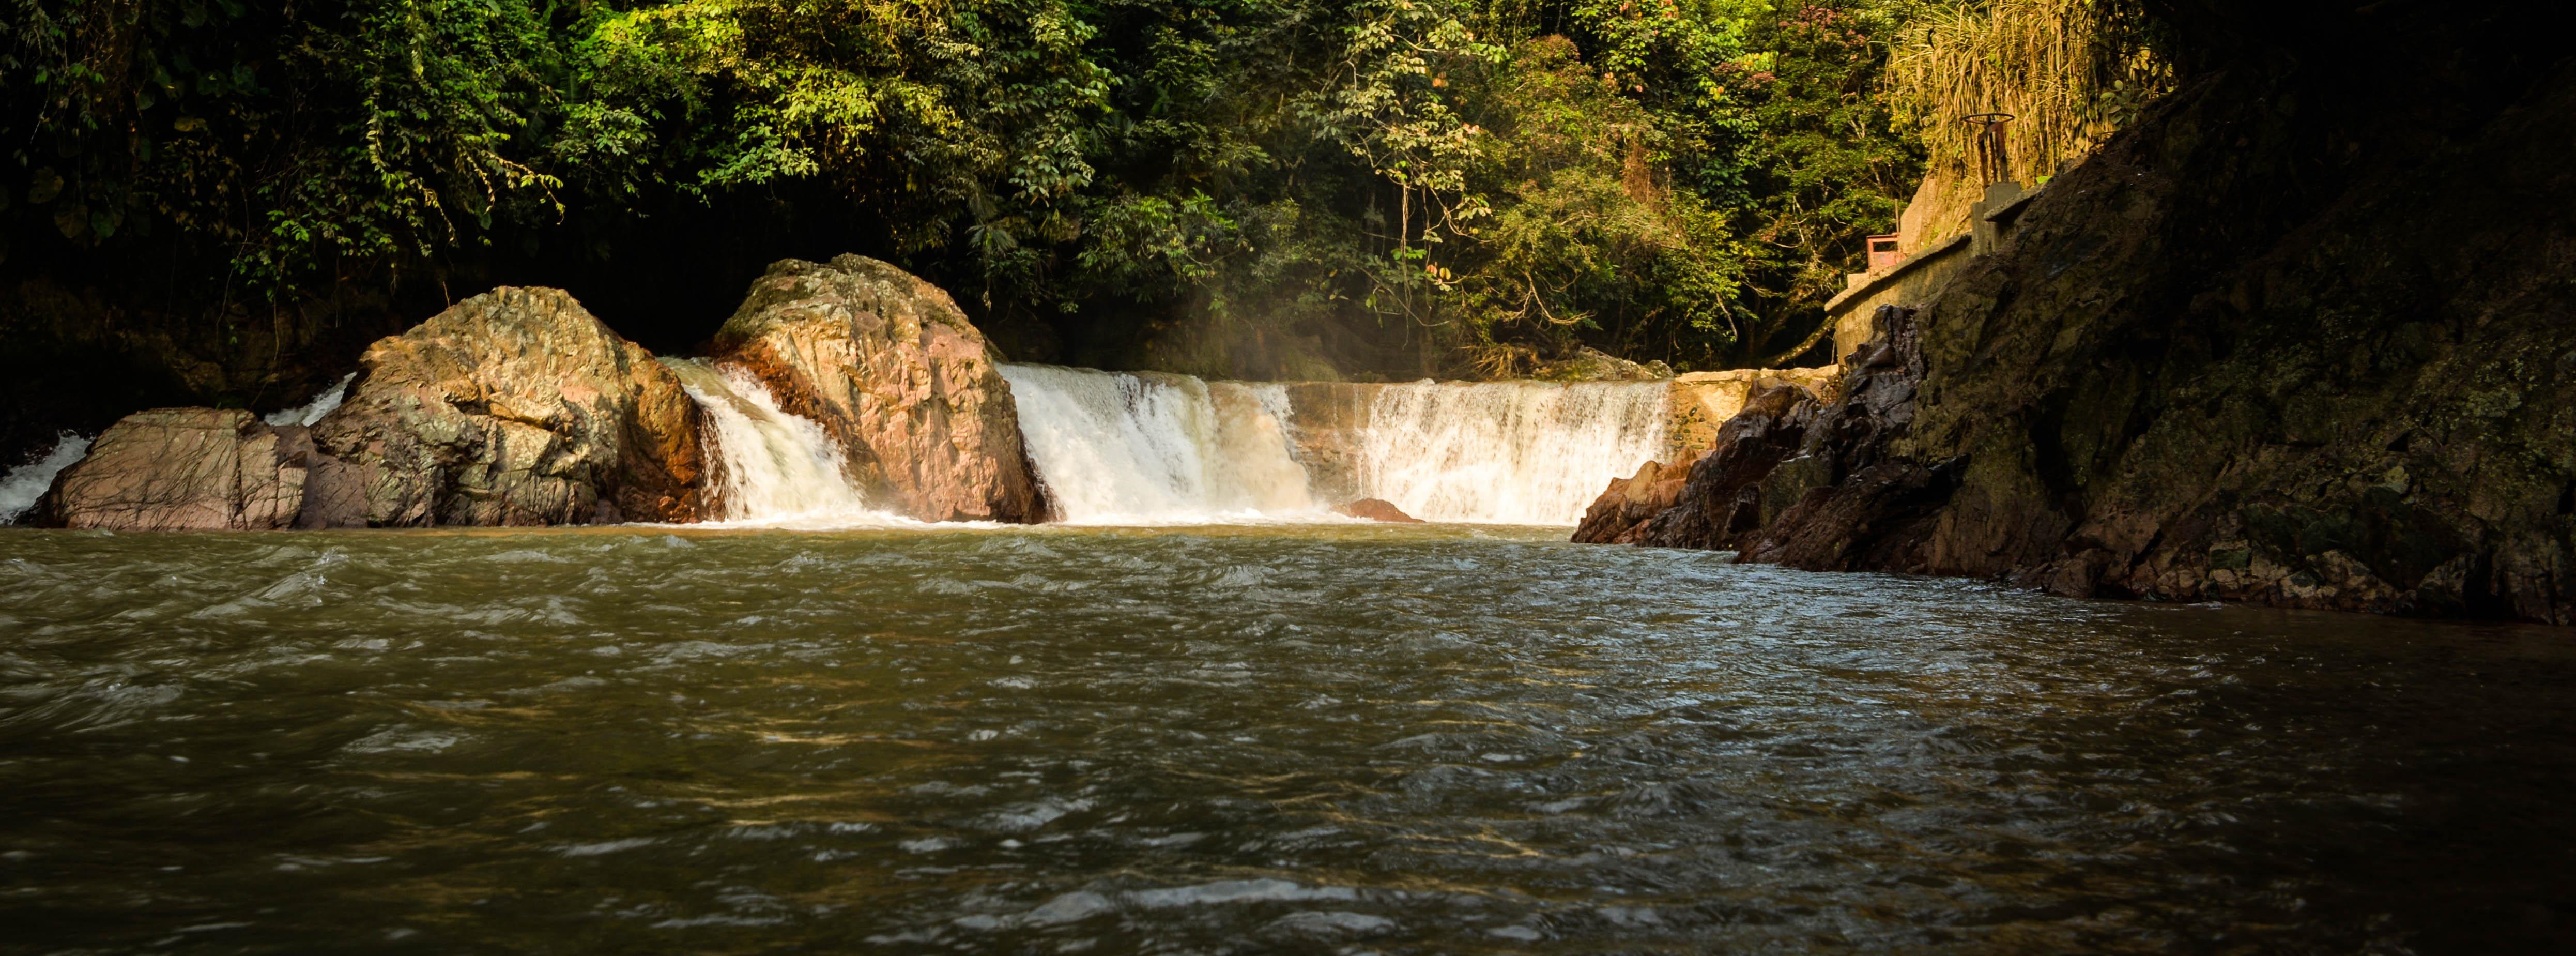 turismo-en-chaparral-es-aventura-y-agua-pura